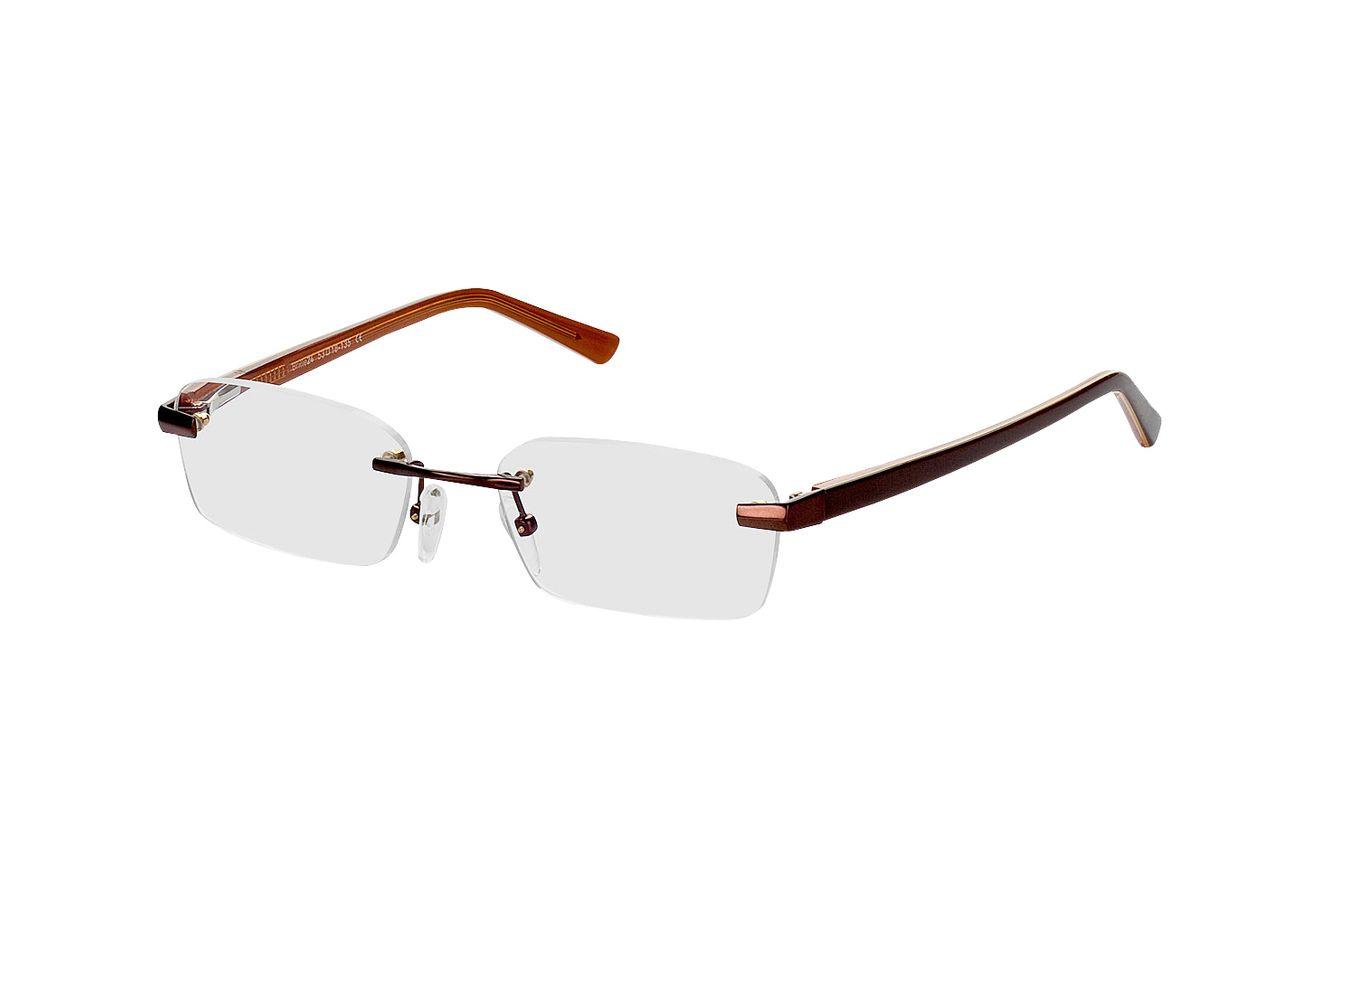 4854-singlevision-0000 Bristol-braun Gleitsichtbrille, Randlos, Dünn Brille24 Collection